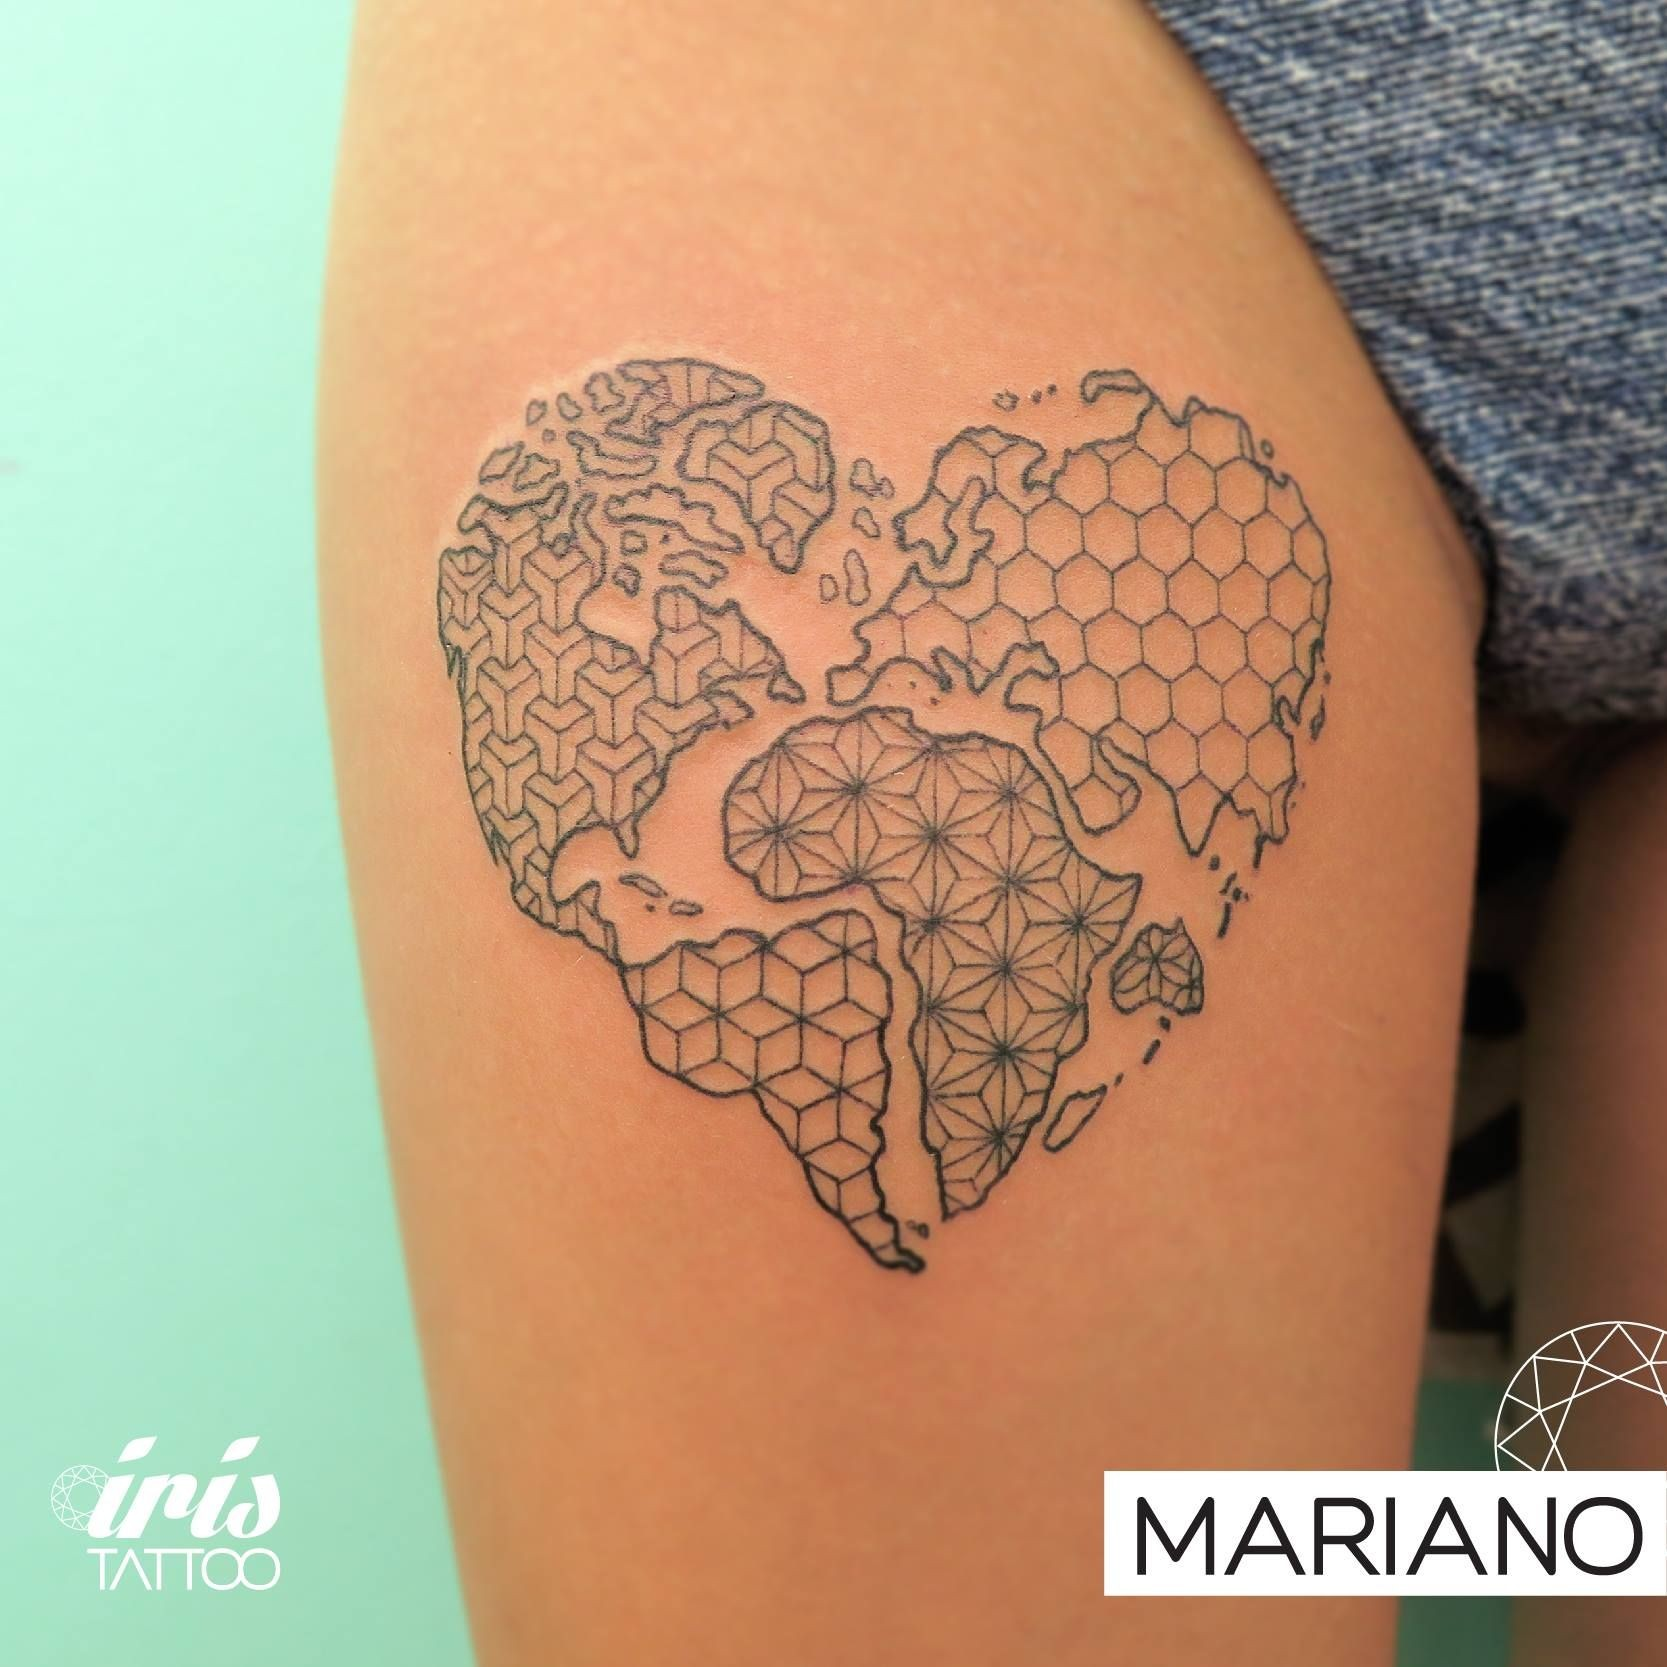 tattoo tattooed tattoolife tatuaje tattooartist tattoostudio tattoodesign tattooart